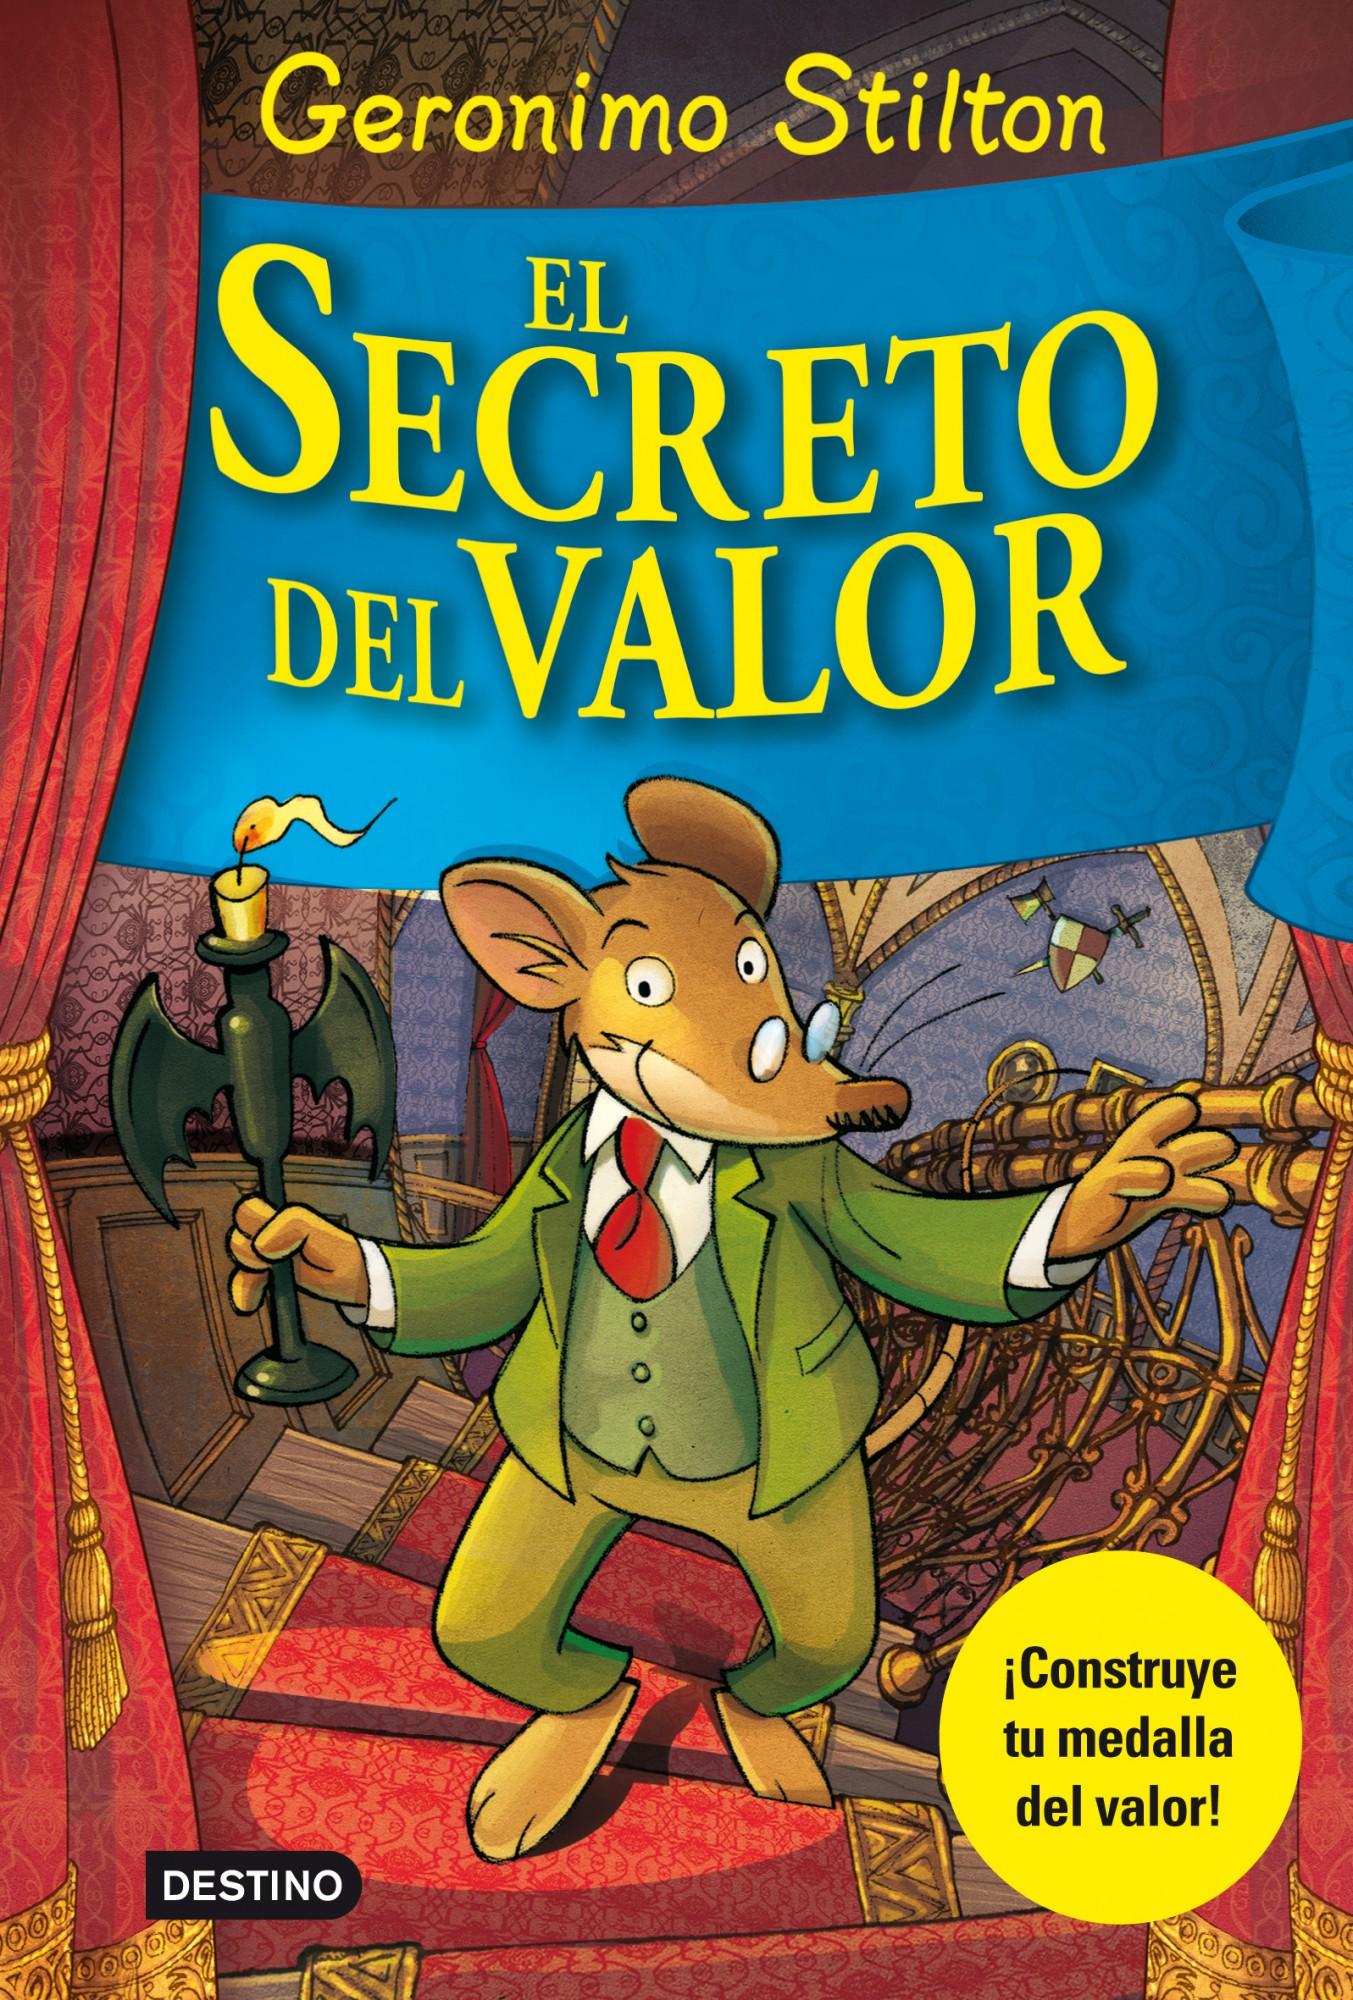 Libros especiales Geronimo Stilton. El secreto del valor